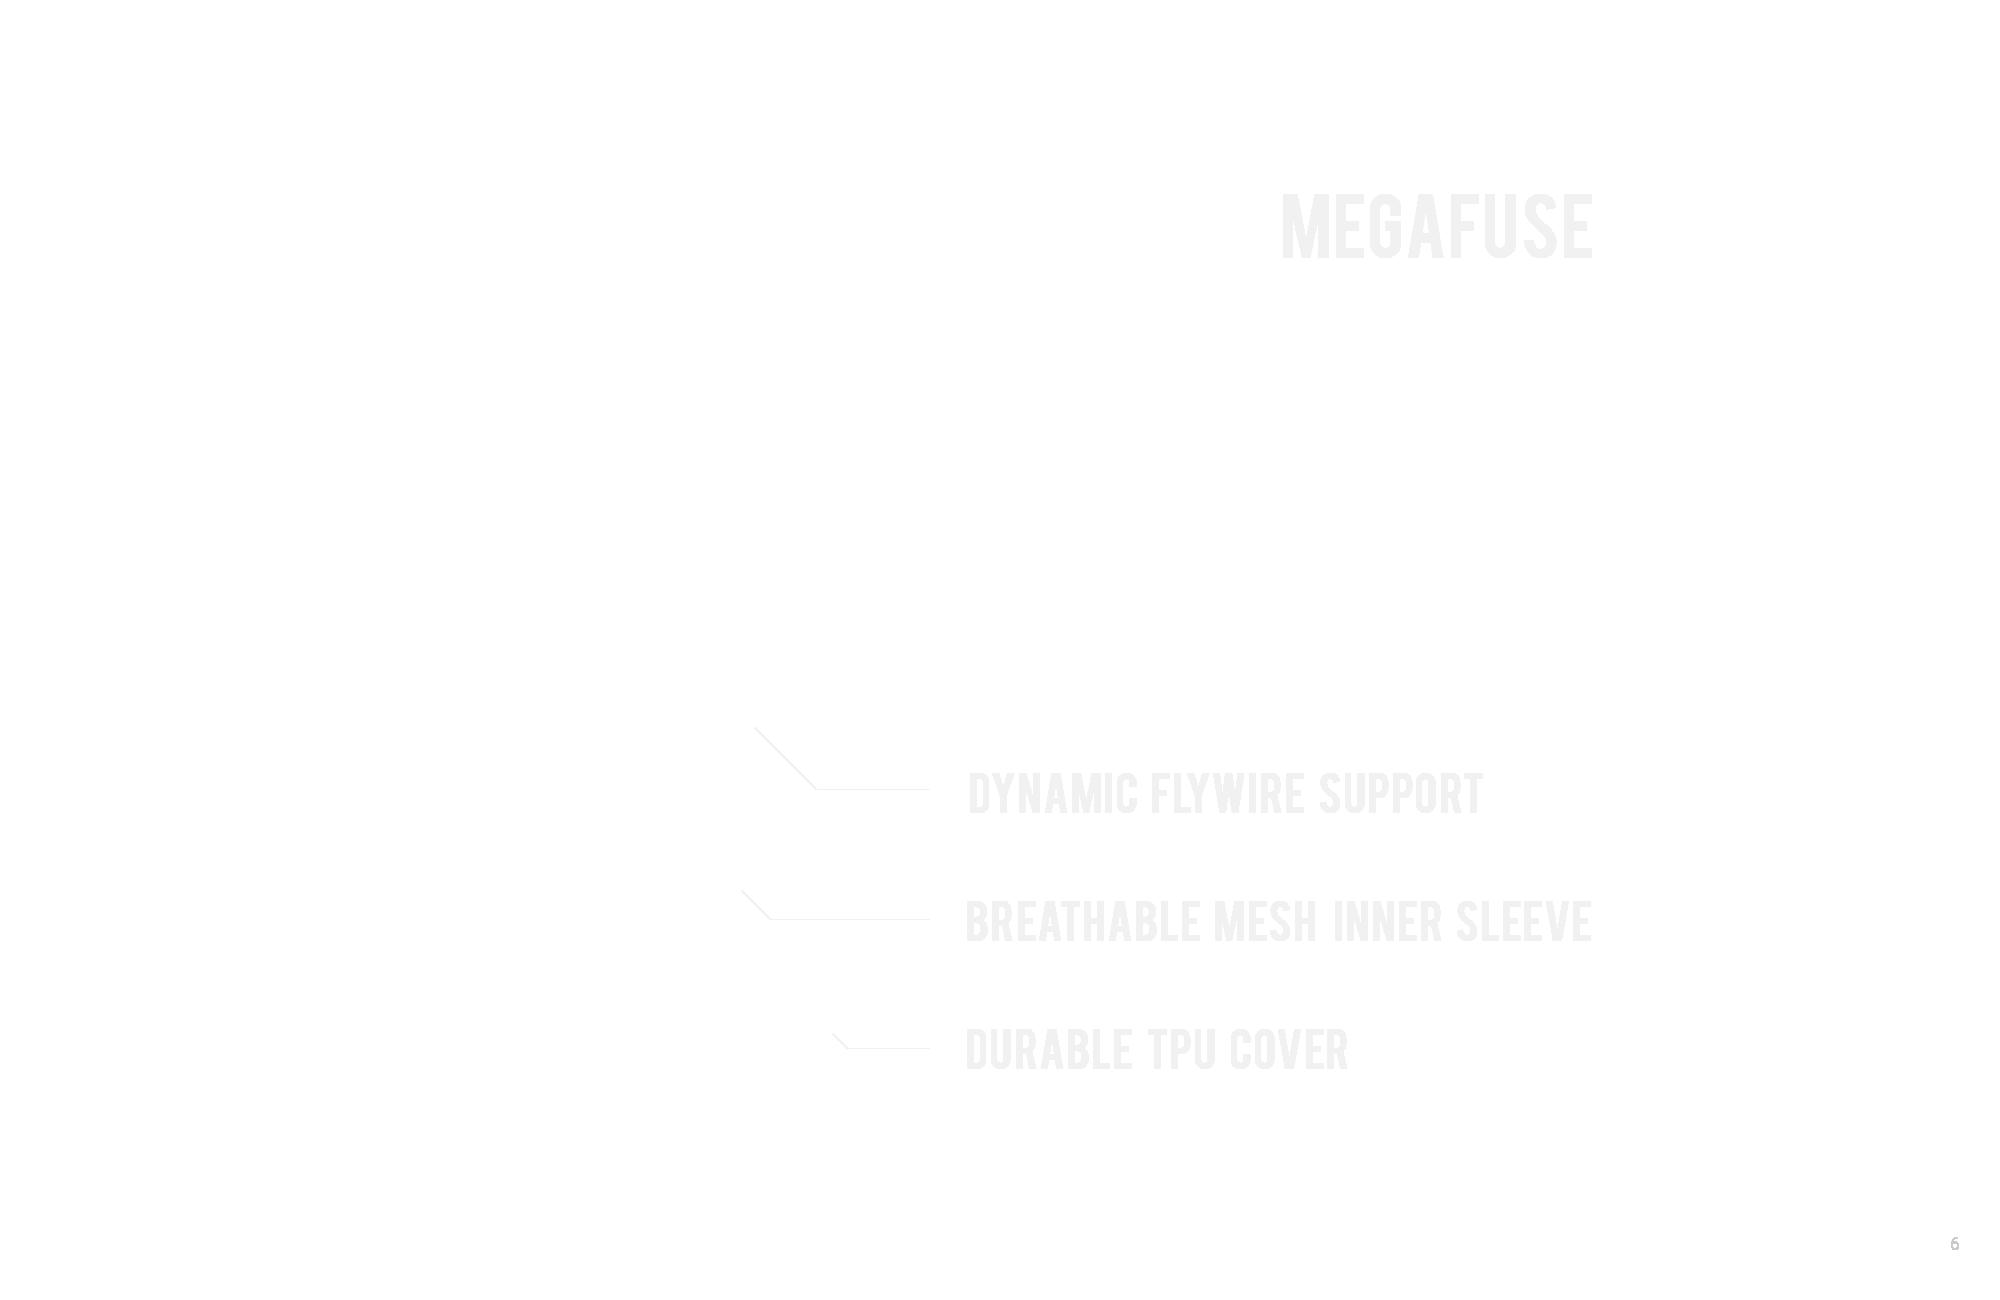 LEBRON 12 的後跟填充與形狀設計打造了良好的保護空間,雙翼的 Hyperposite 提供了強大側向支撐,而且在 LEBRON 12 與相同採用 Hyperposite 的 LEBRON 11 的最大不同點就是「靈活度」的提升,只在球員需要的位置加入 Hyperposite,大幅刨除不需要的部份並刻畫出動態溝槽,同時享有支撐與靈活度。從鞋面可以清楚見到 LEBRON 12 對於前掌外側穩定的重視,另外腳踝包覆的部分讓 Hyperposite 藉由鞋帶環的整合與鞋身內襯填充連成一氣,拉緊就產生複合式的包覆,用簡單的原理讓人感受到設計時周全的考量。